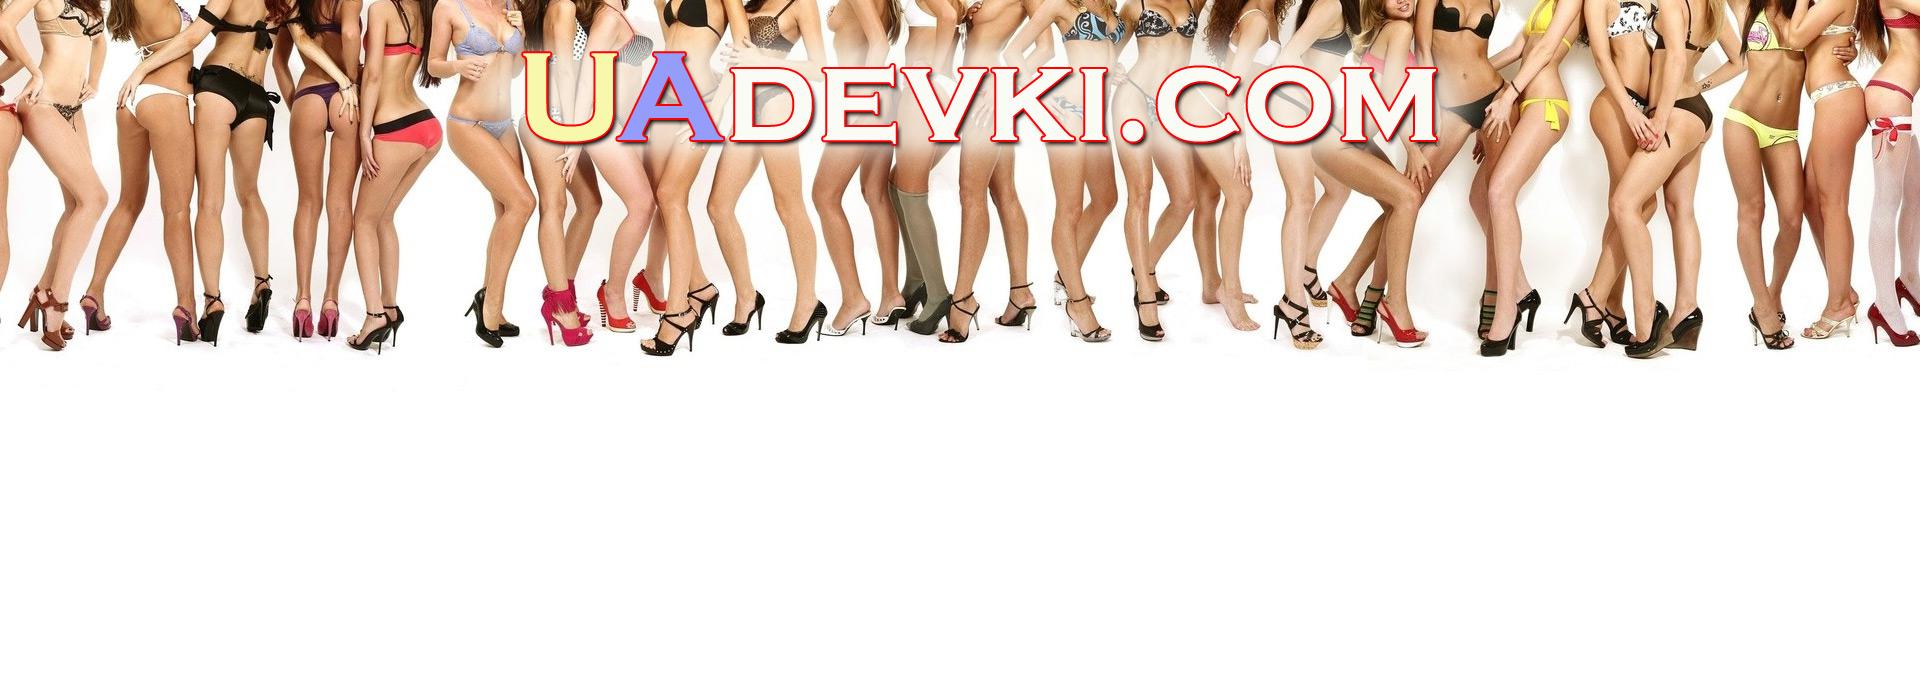 UADEVKI.COM